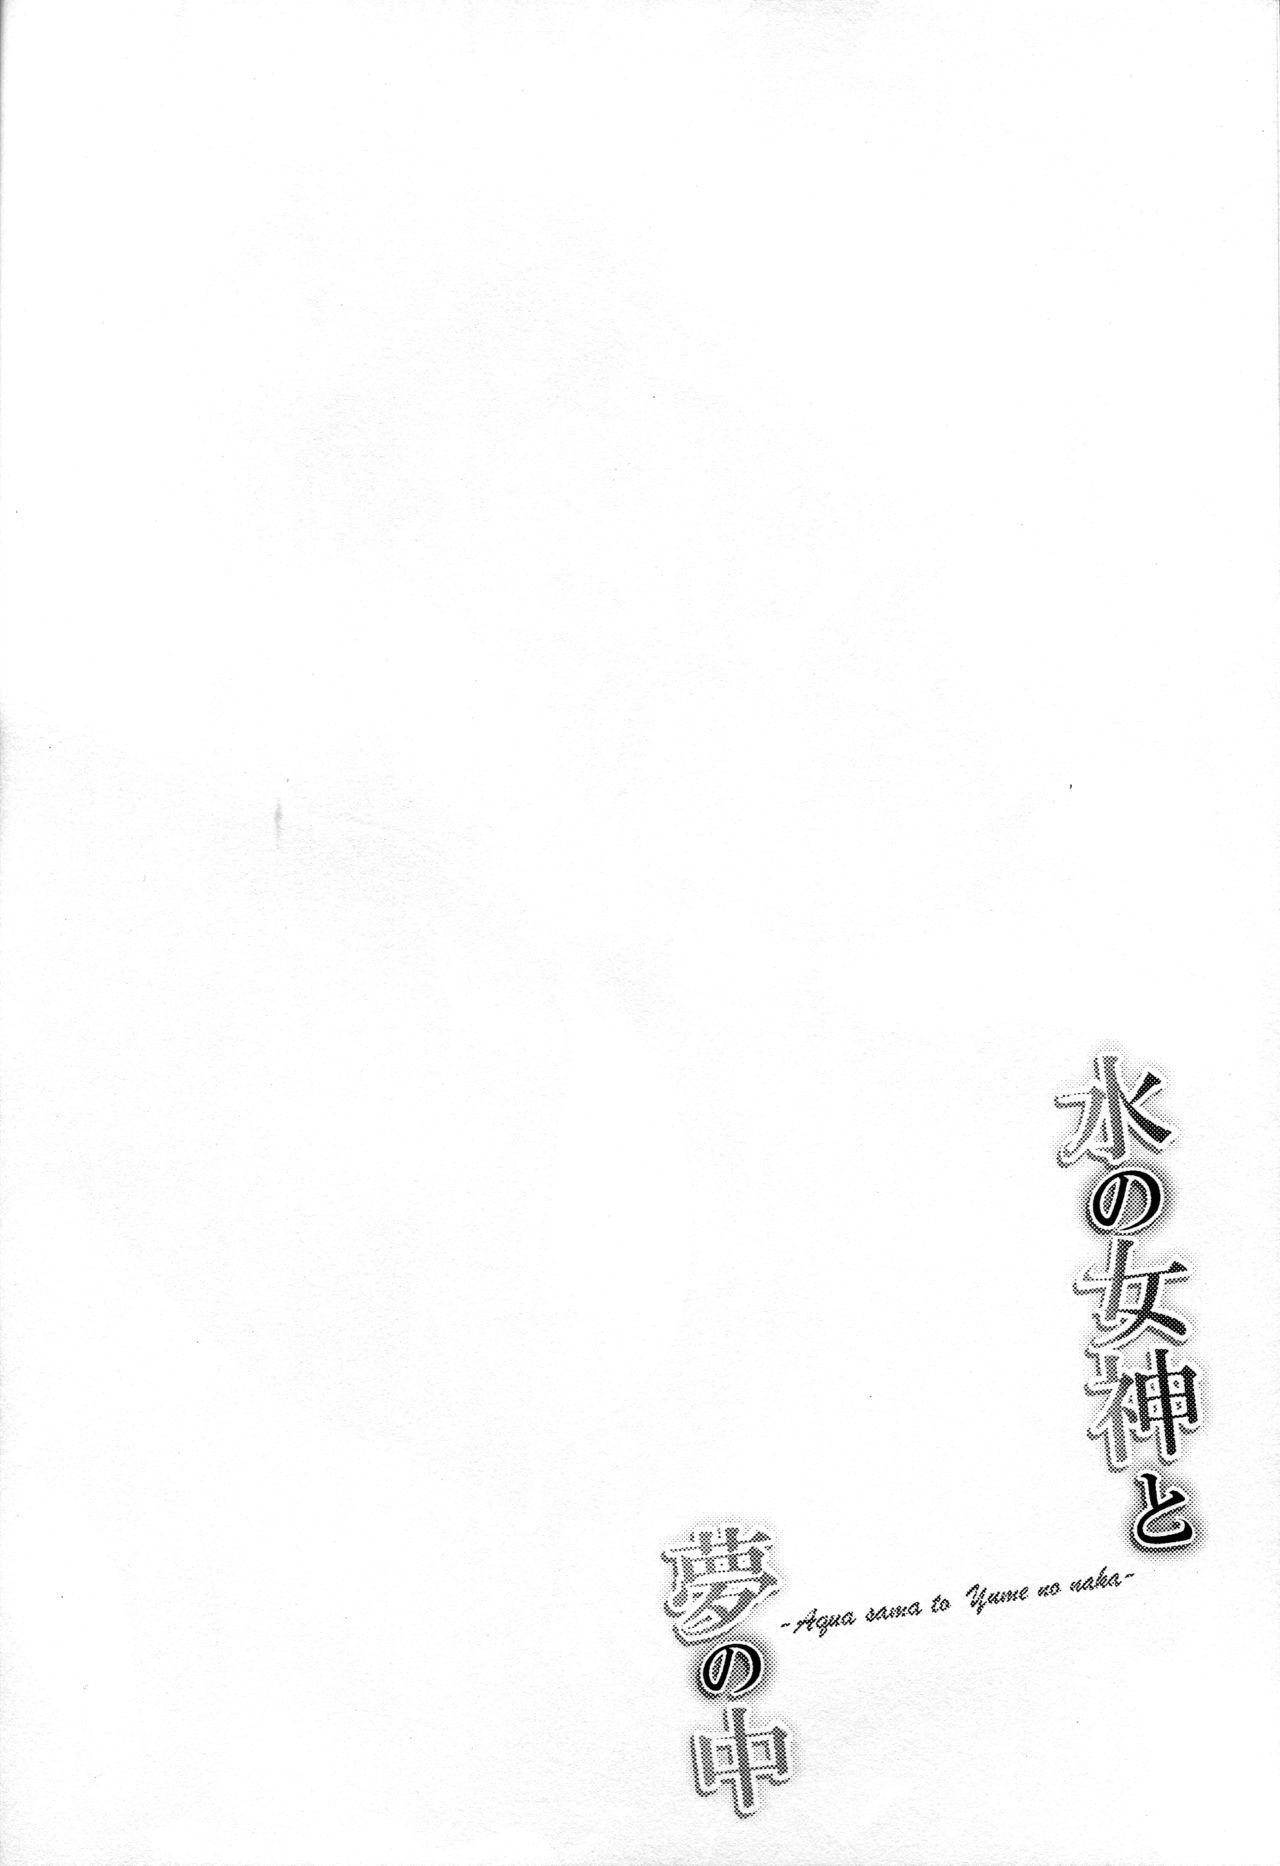 Mizu no Megami to Yume no Naka 2